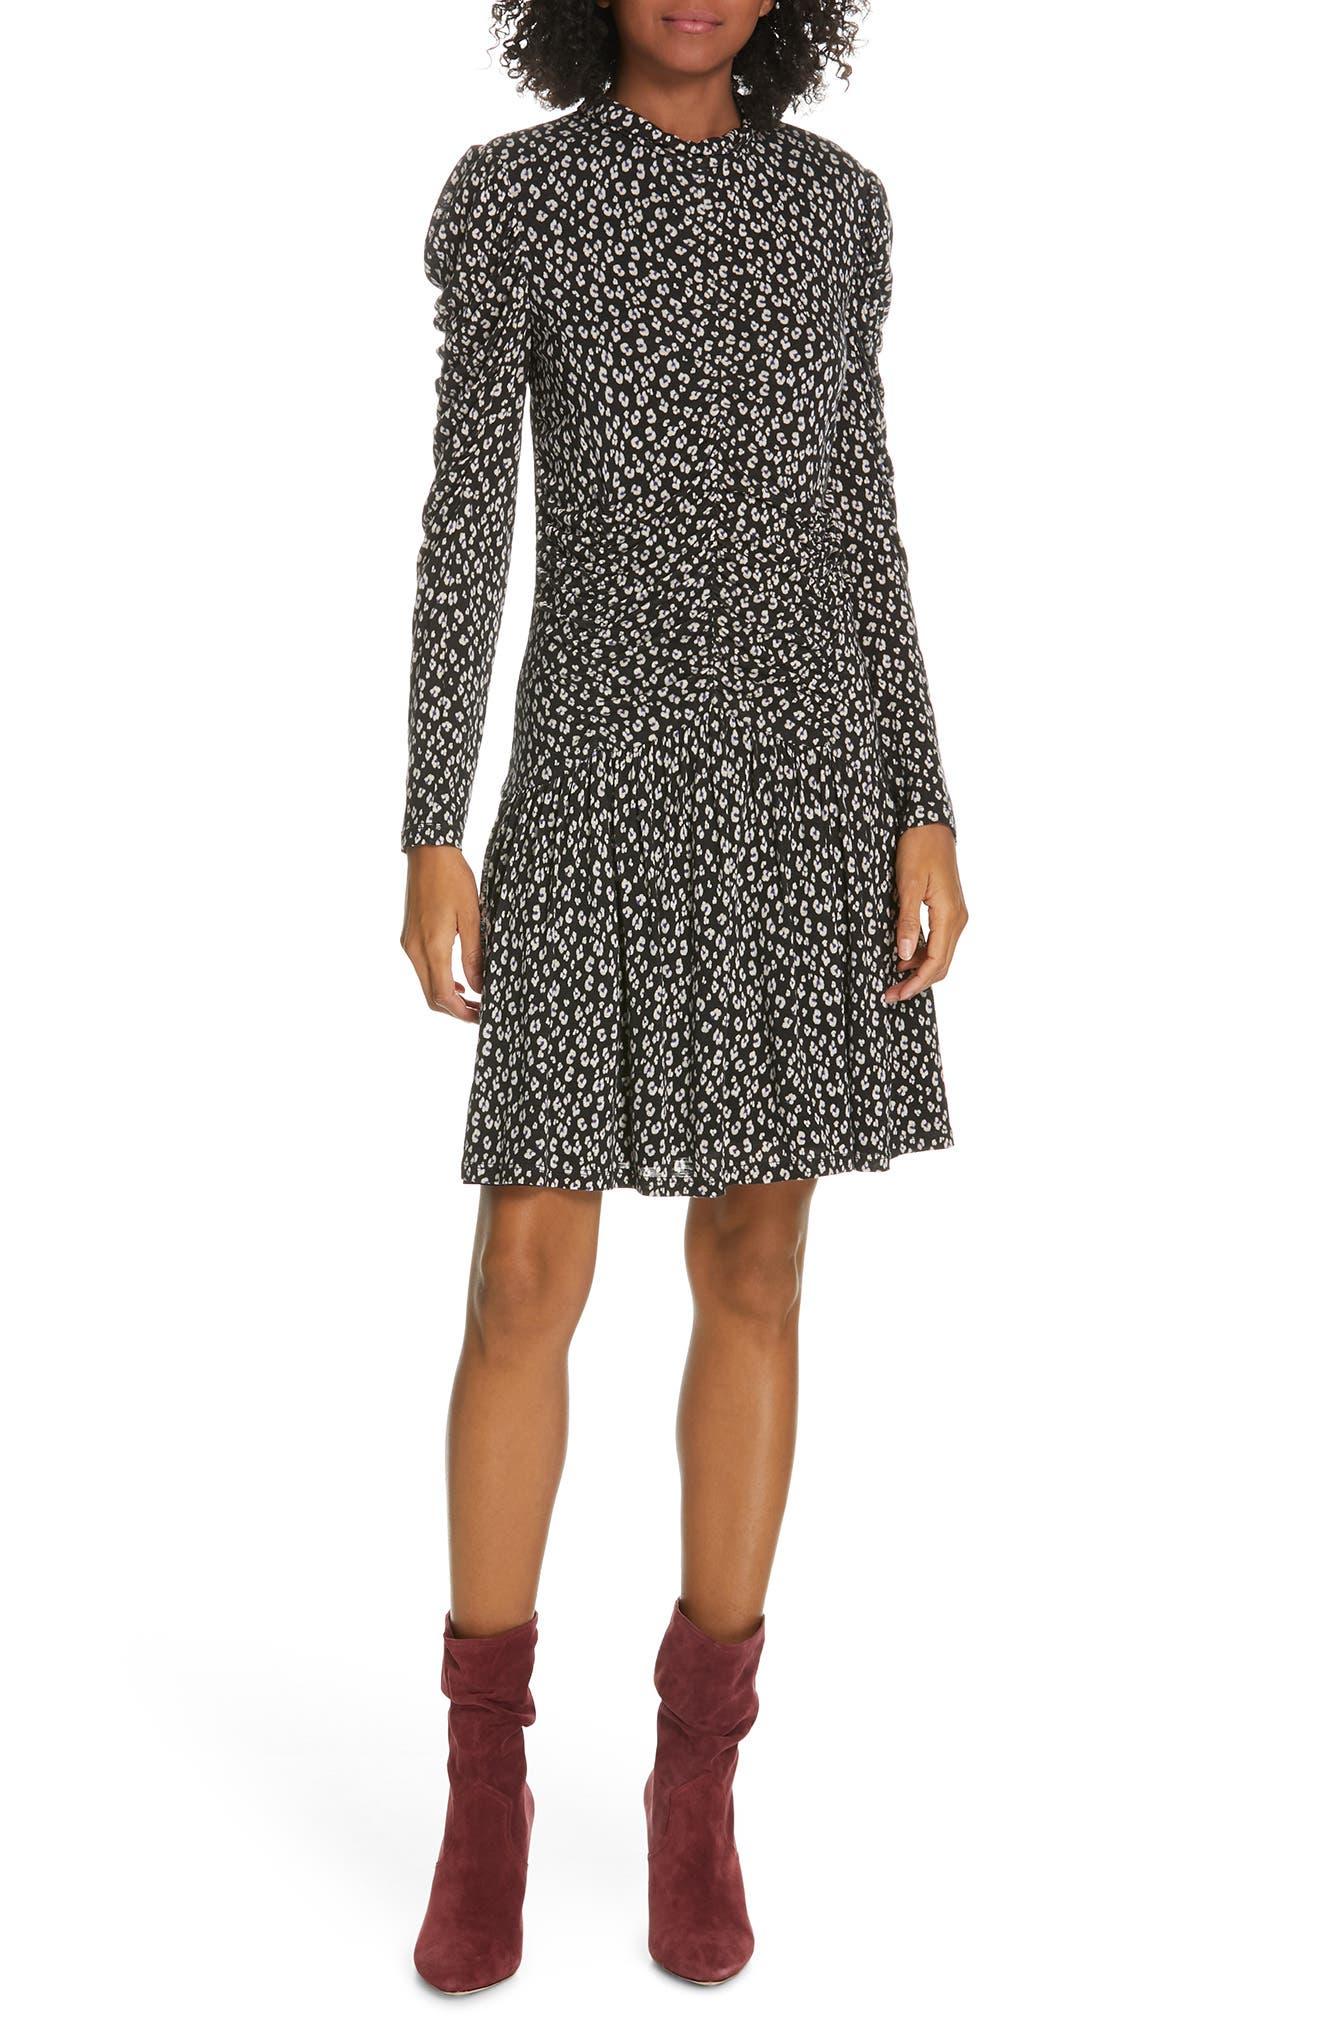 REBECCA TAYLOR, Cheetah Ruched Jersey Dress, Main thumbnail 1, color, 014